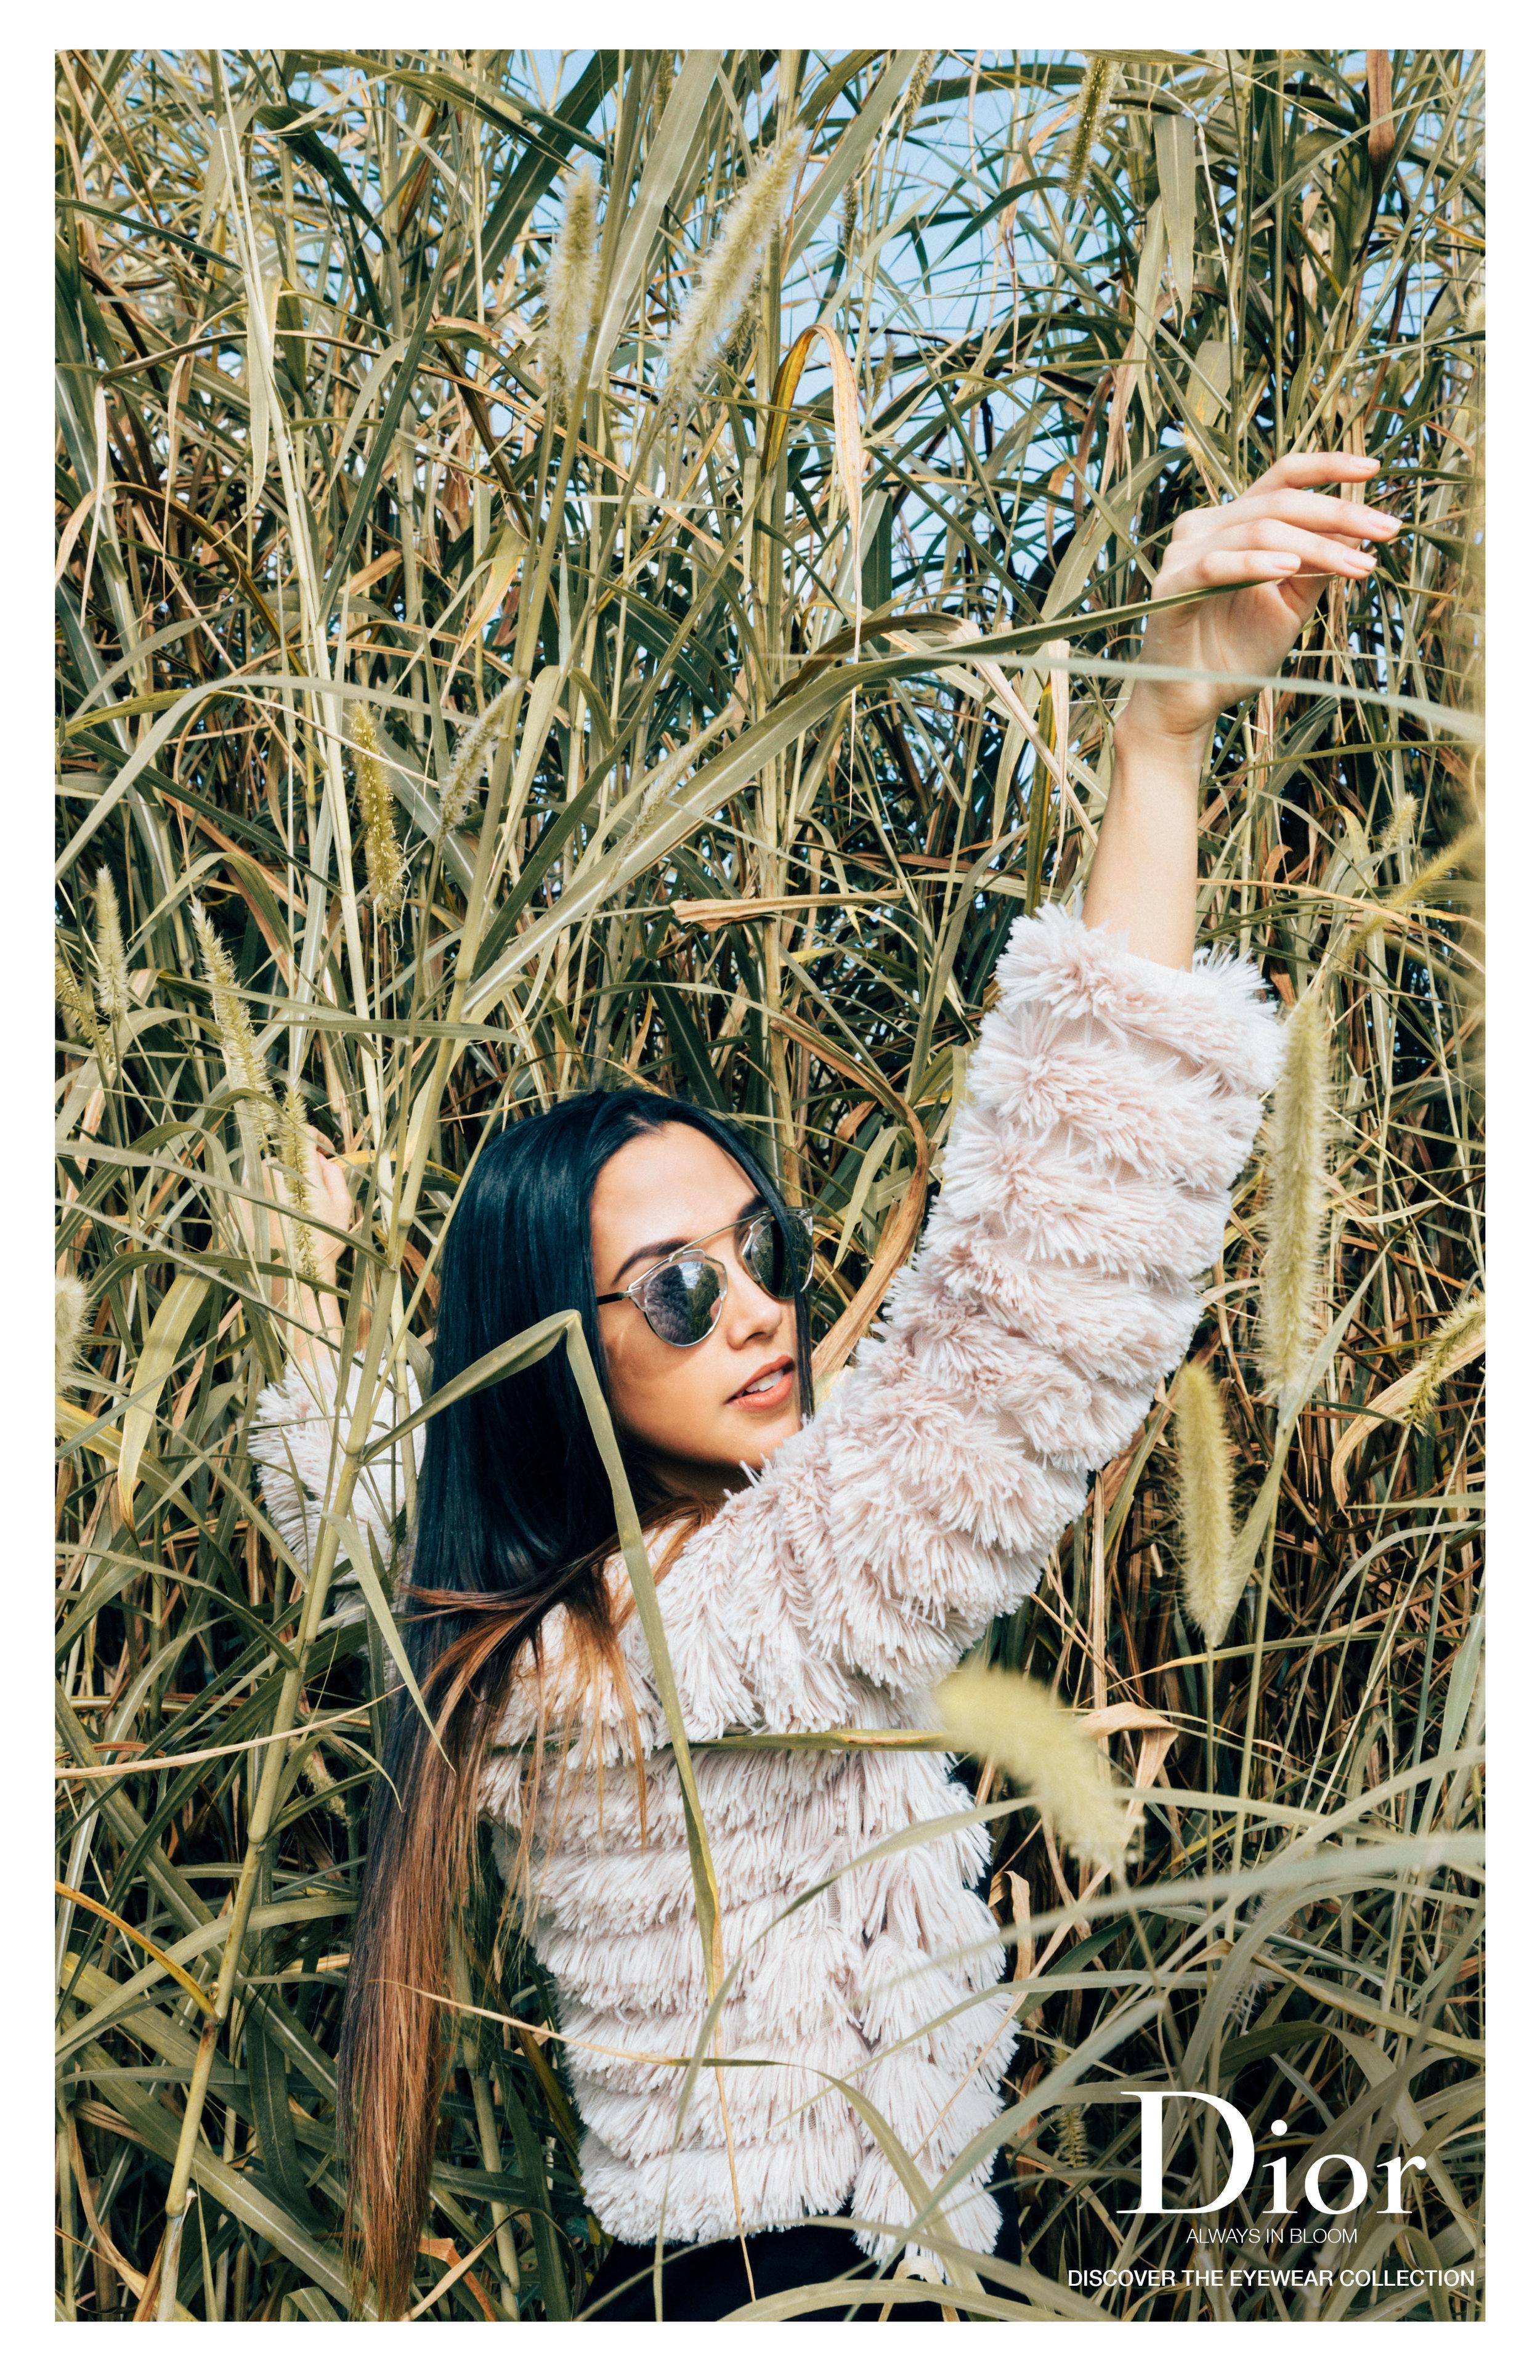 UM_PhotoArtDirection_Dior3.jpg